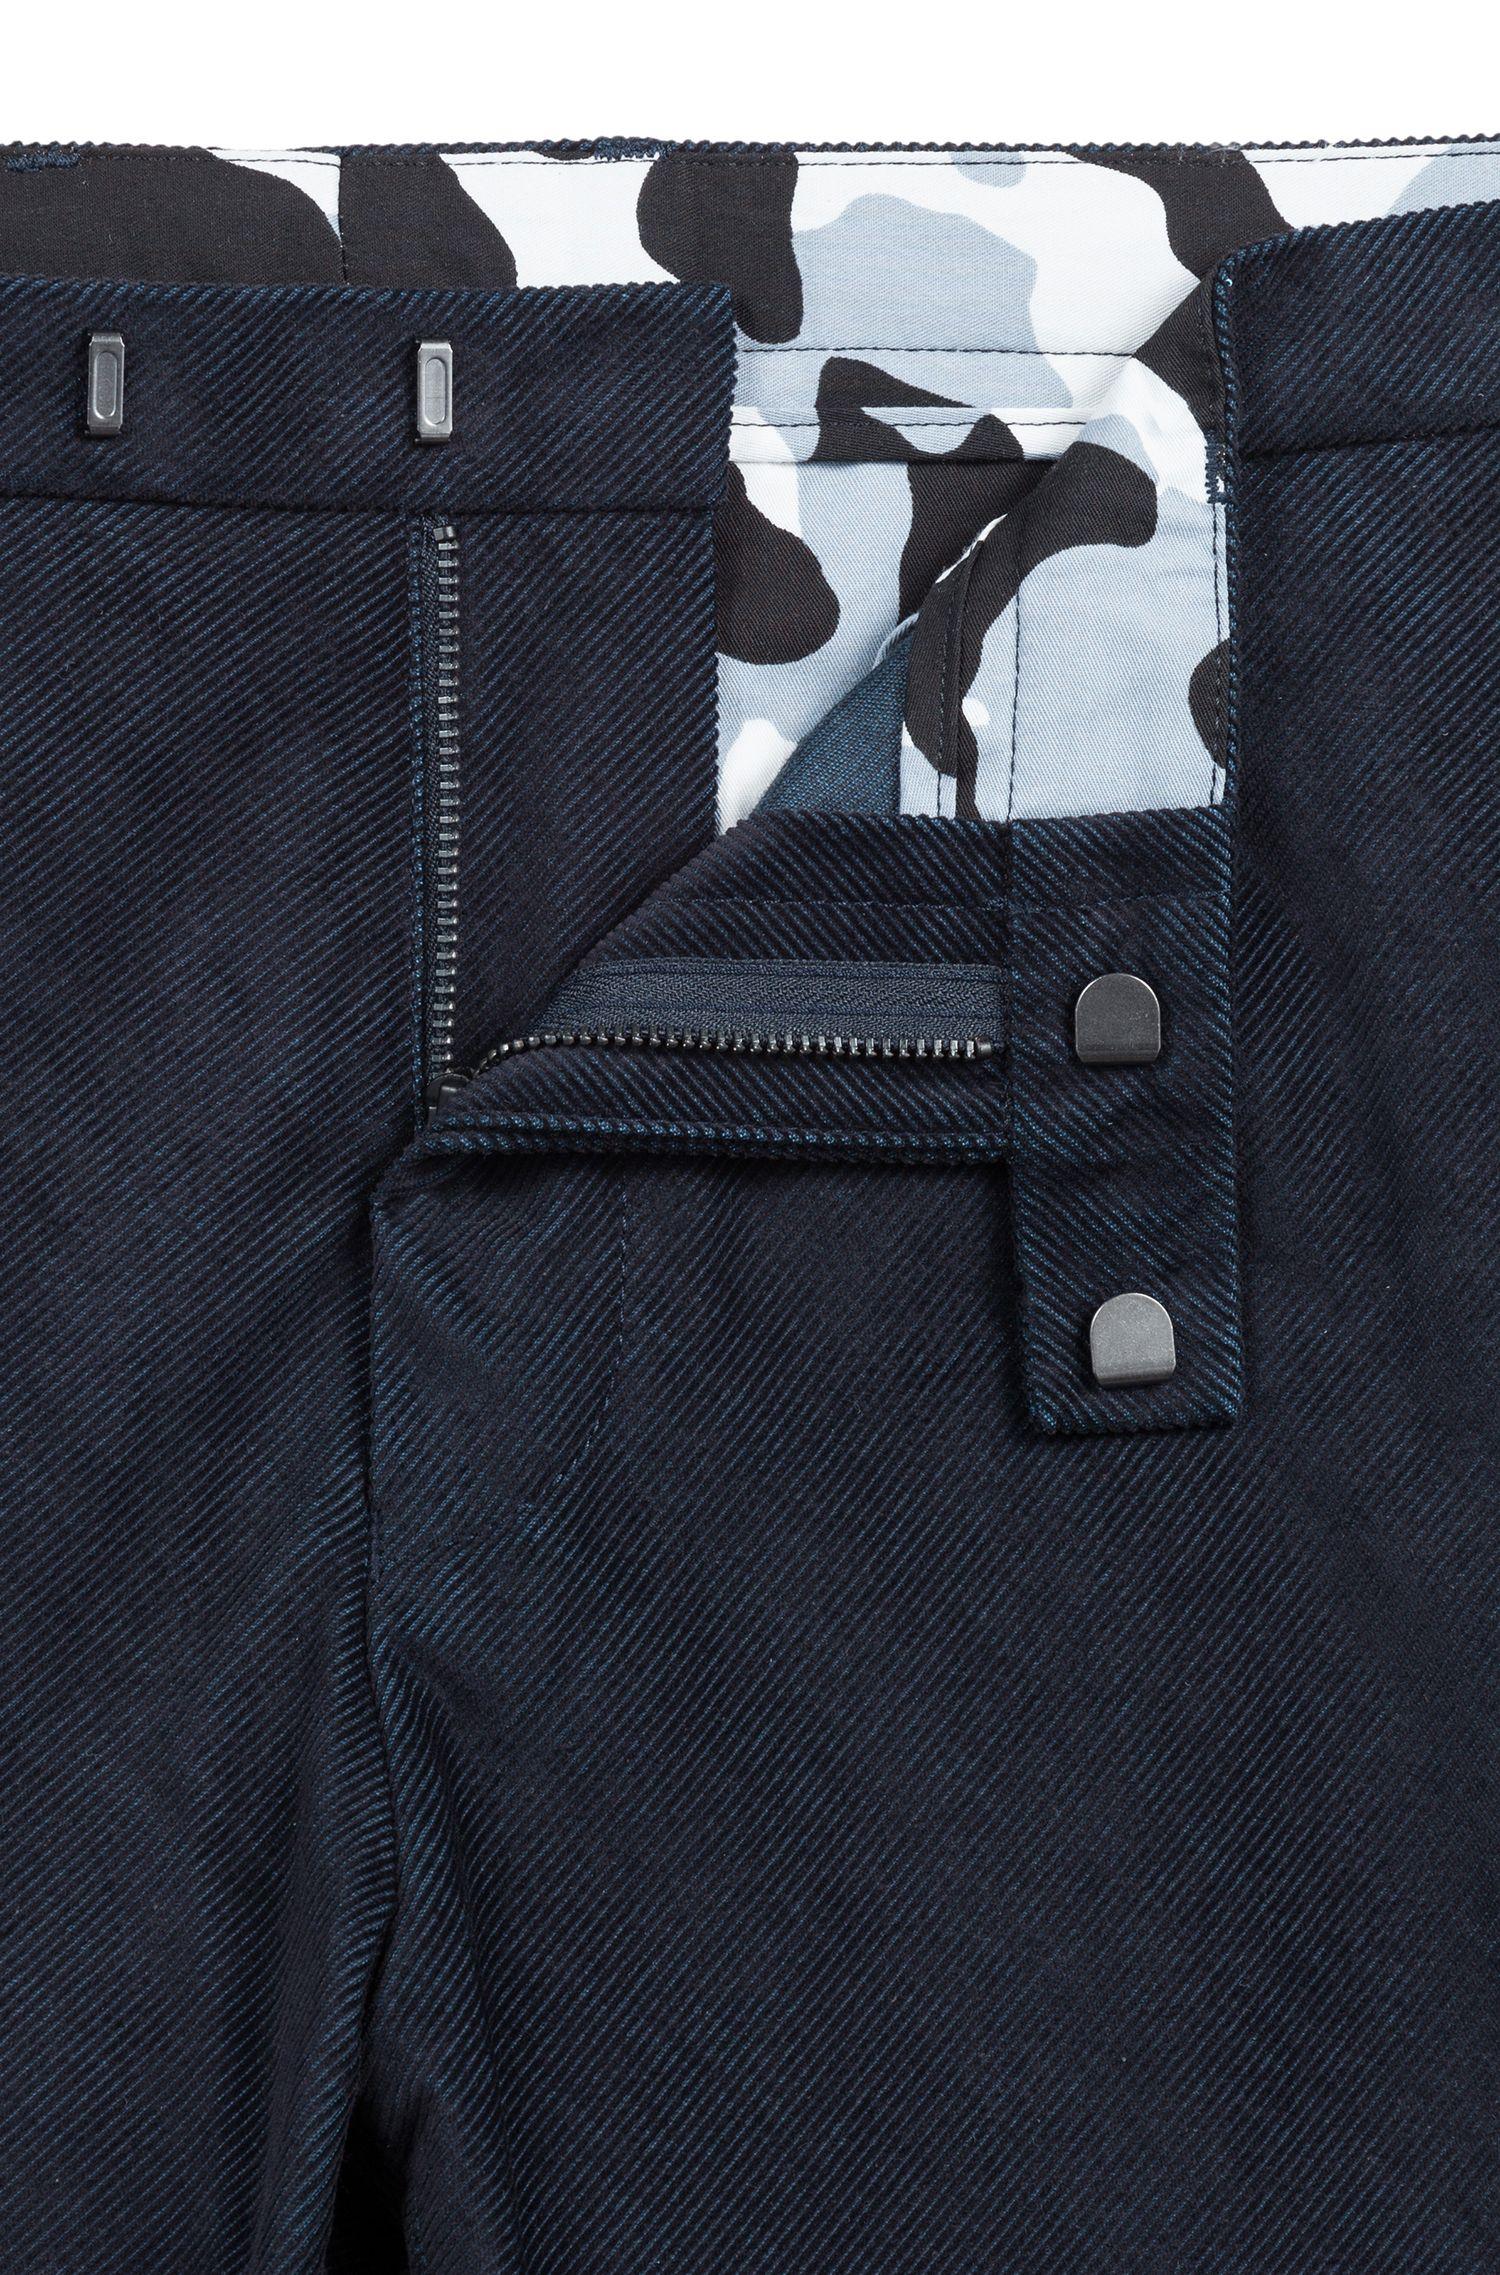 Pantalones slim fit de pana con rayas diagonales